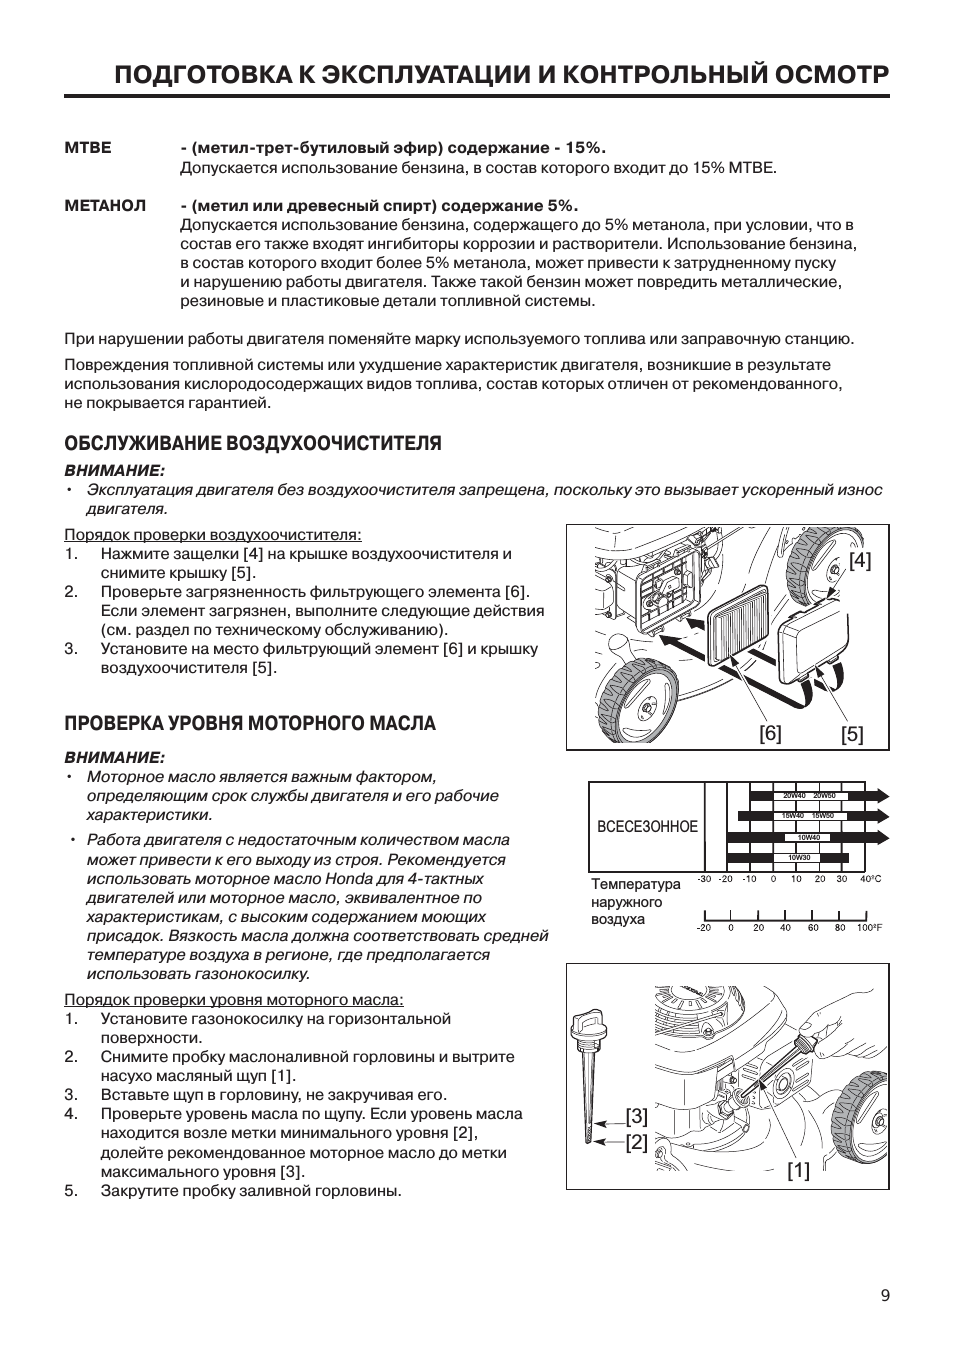 Подготовка к эксплуатации и контрольный осмотр, Обслуживание воздухоочистителя, Проверка уровня моторного масла